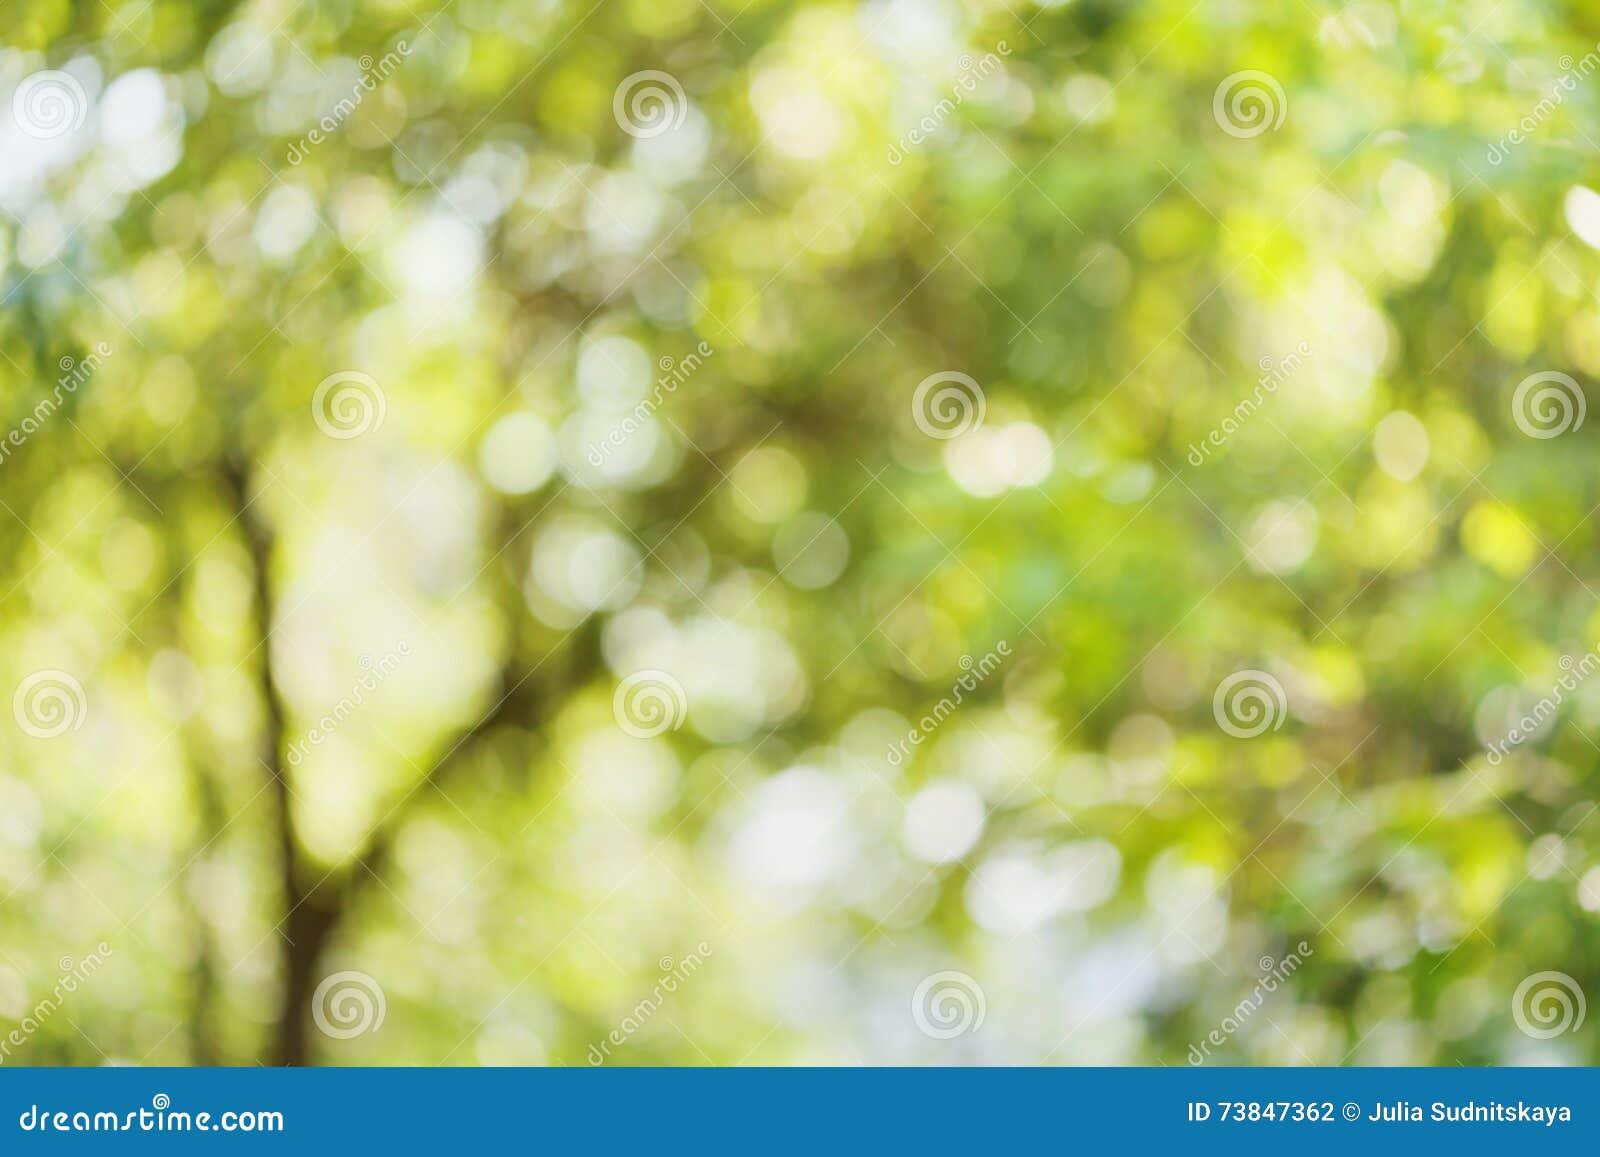 Piękny bokeh tło defocused drzewo Naturalny zamazany tło zieleni liście Lata lub wiosny sezon